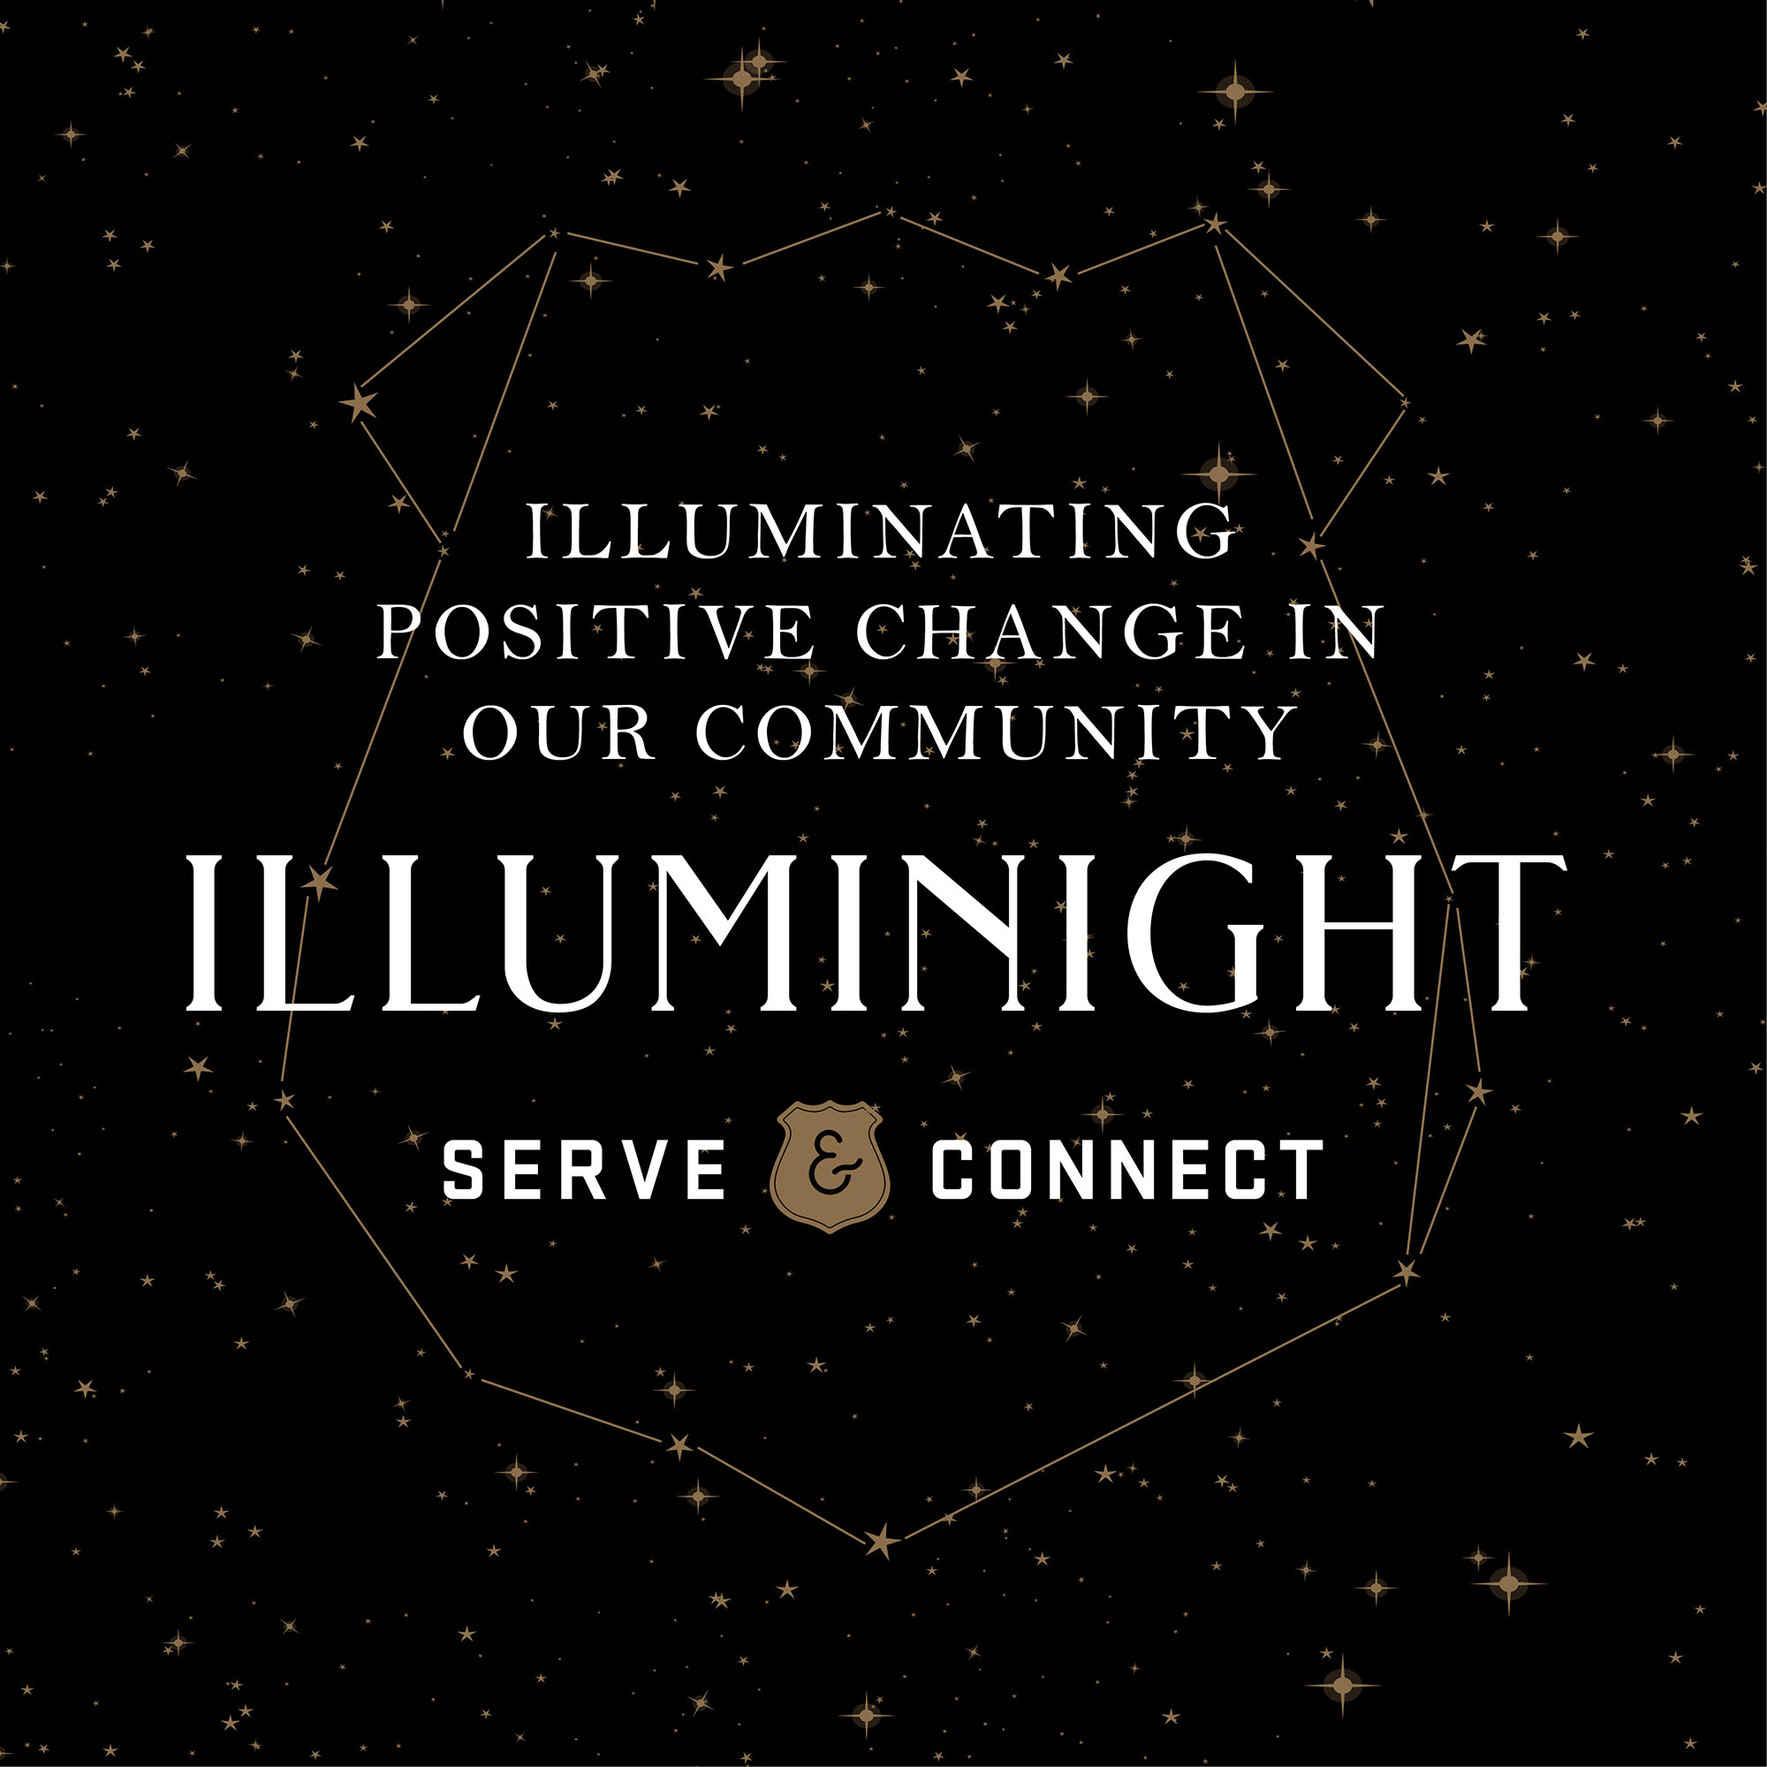 Illuminight image